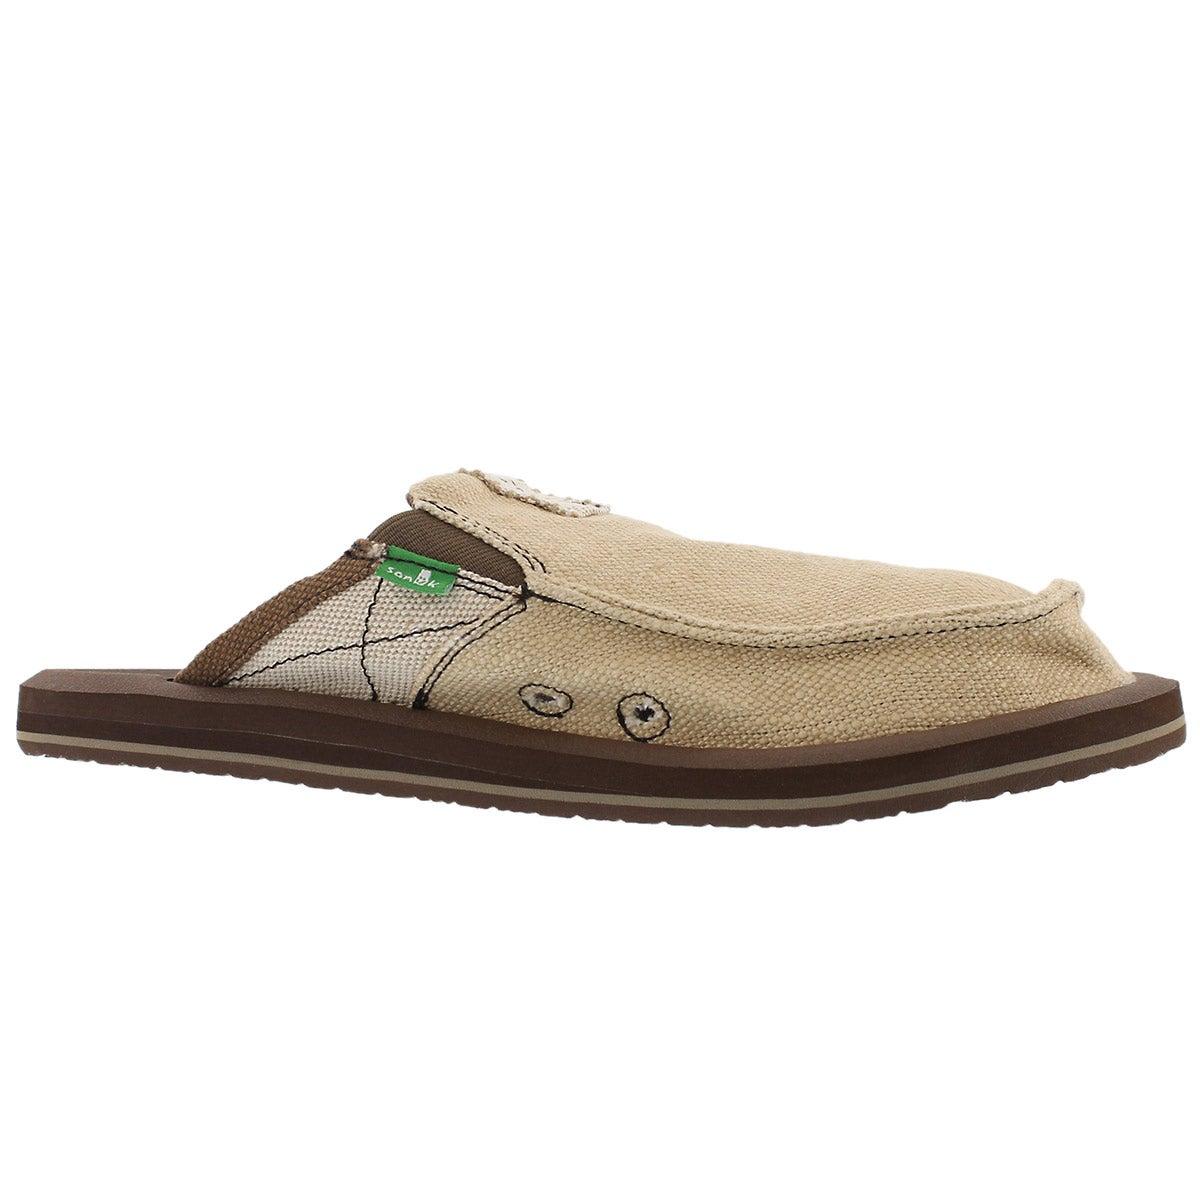 Men's YOU GOT MY BACK II tan open back shoes